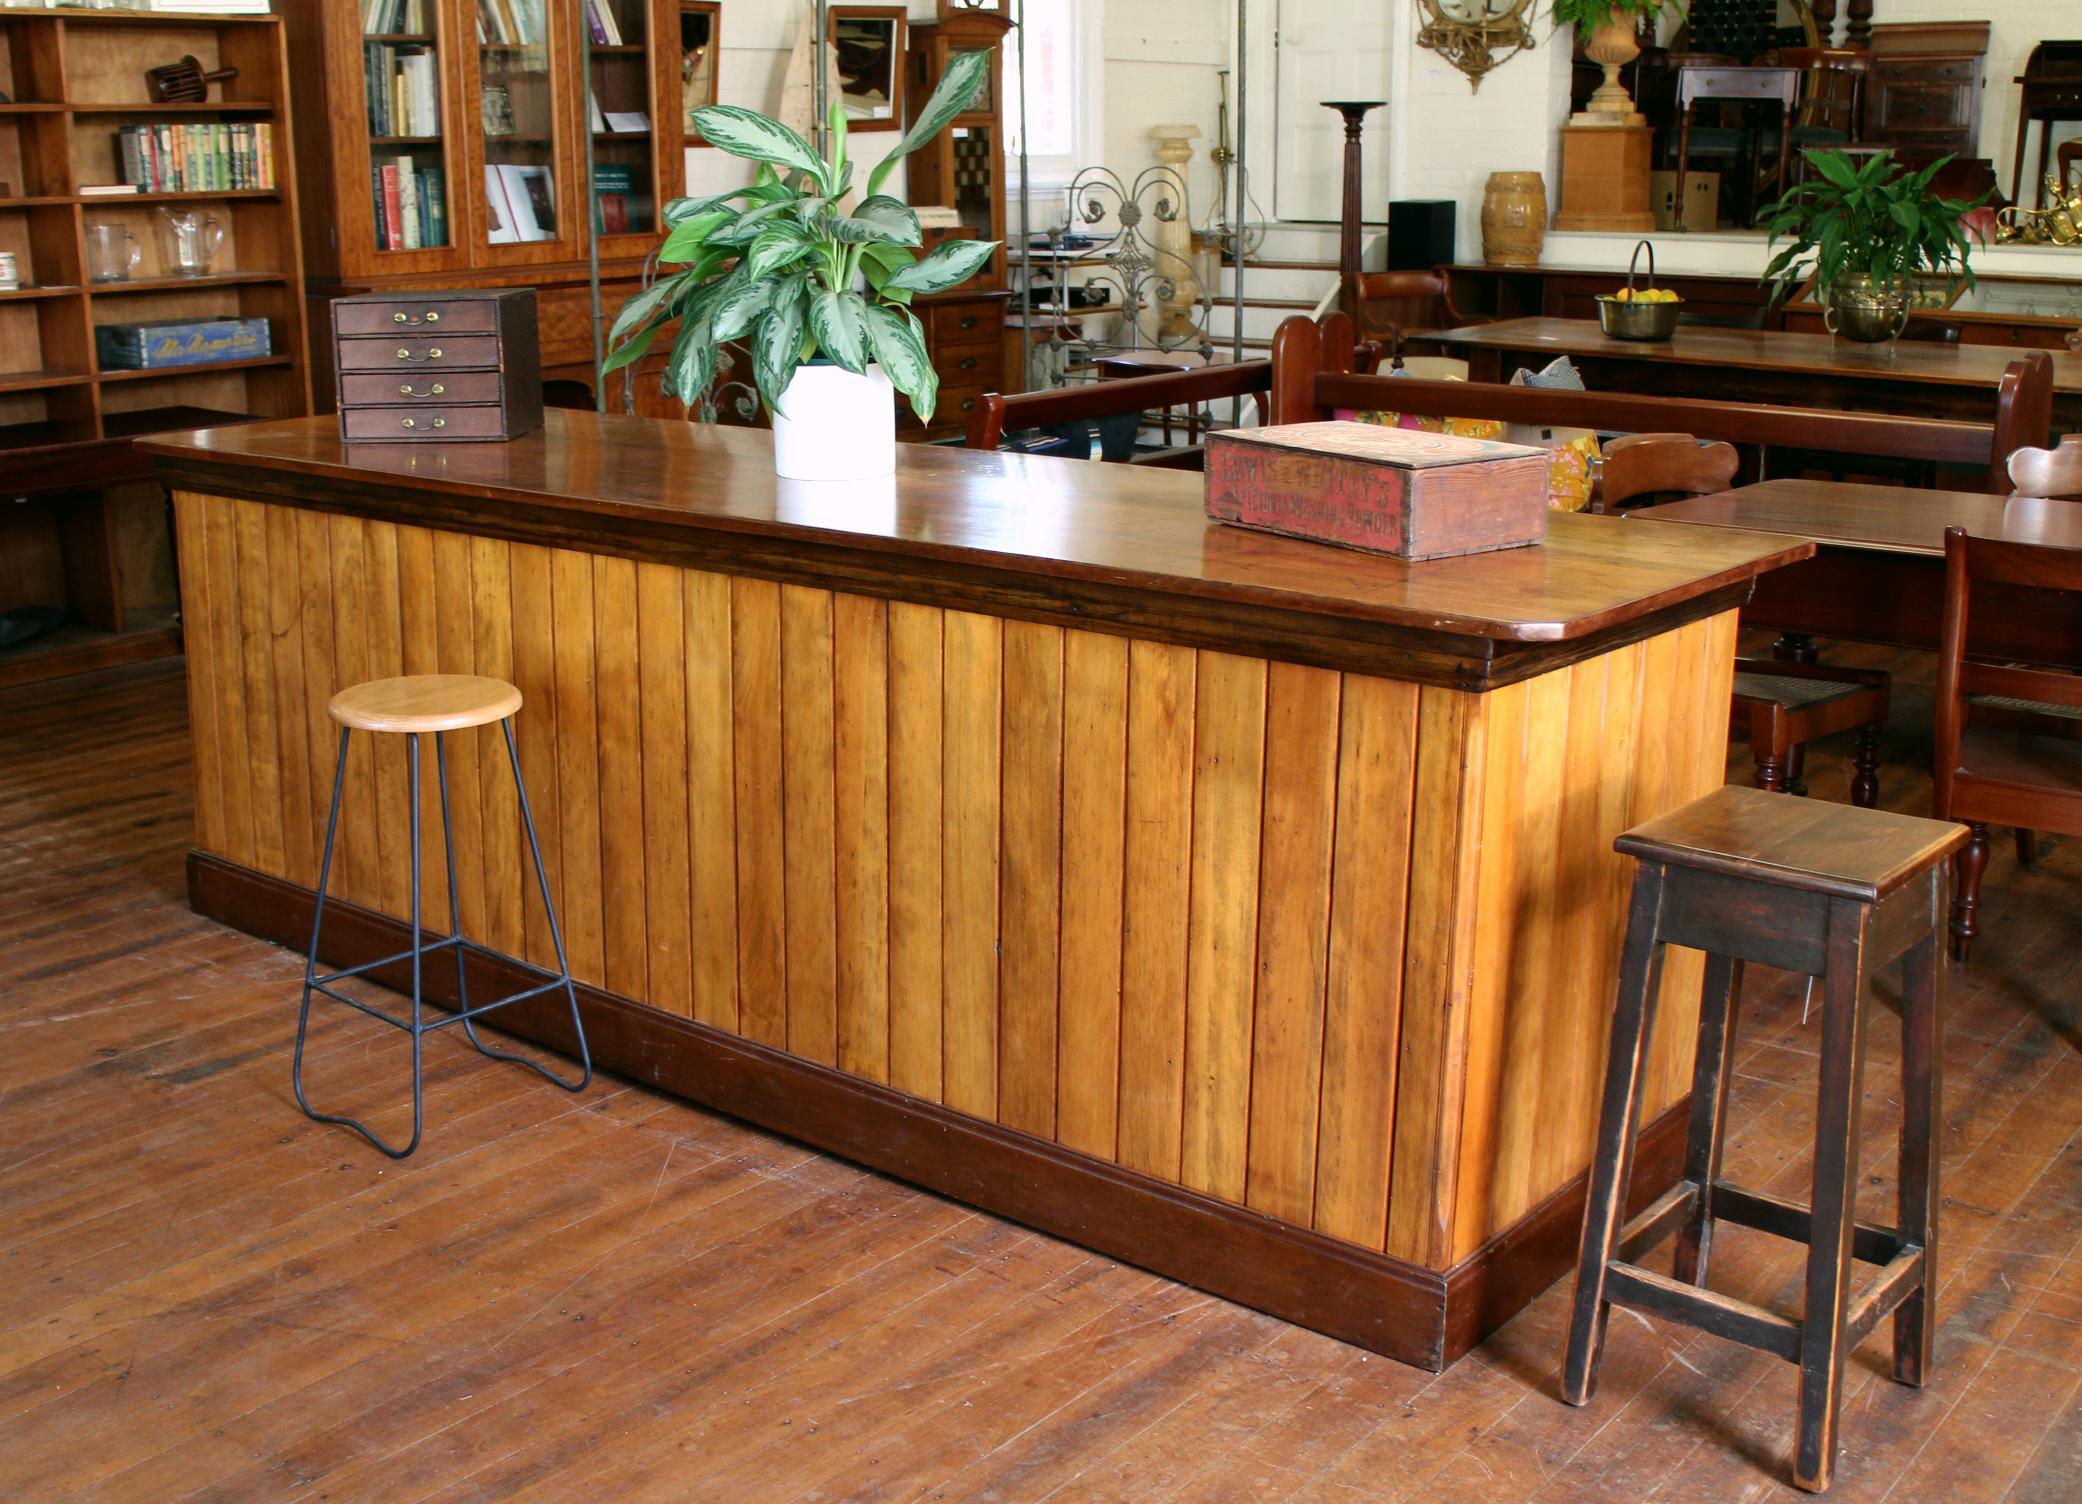 Vintage hoop pine Shop Counter4.jpg